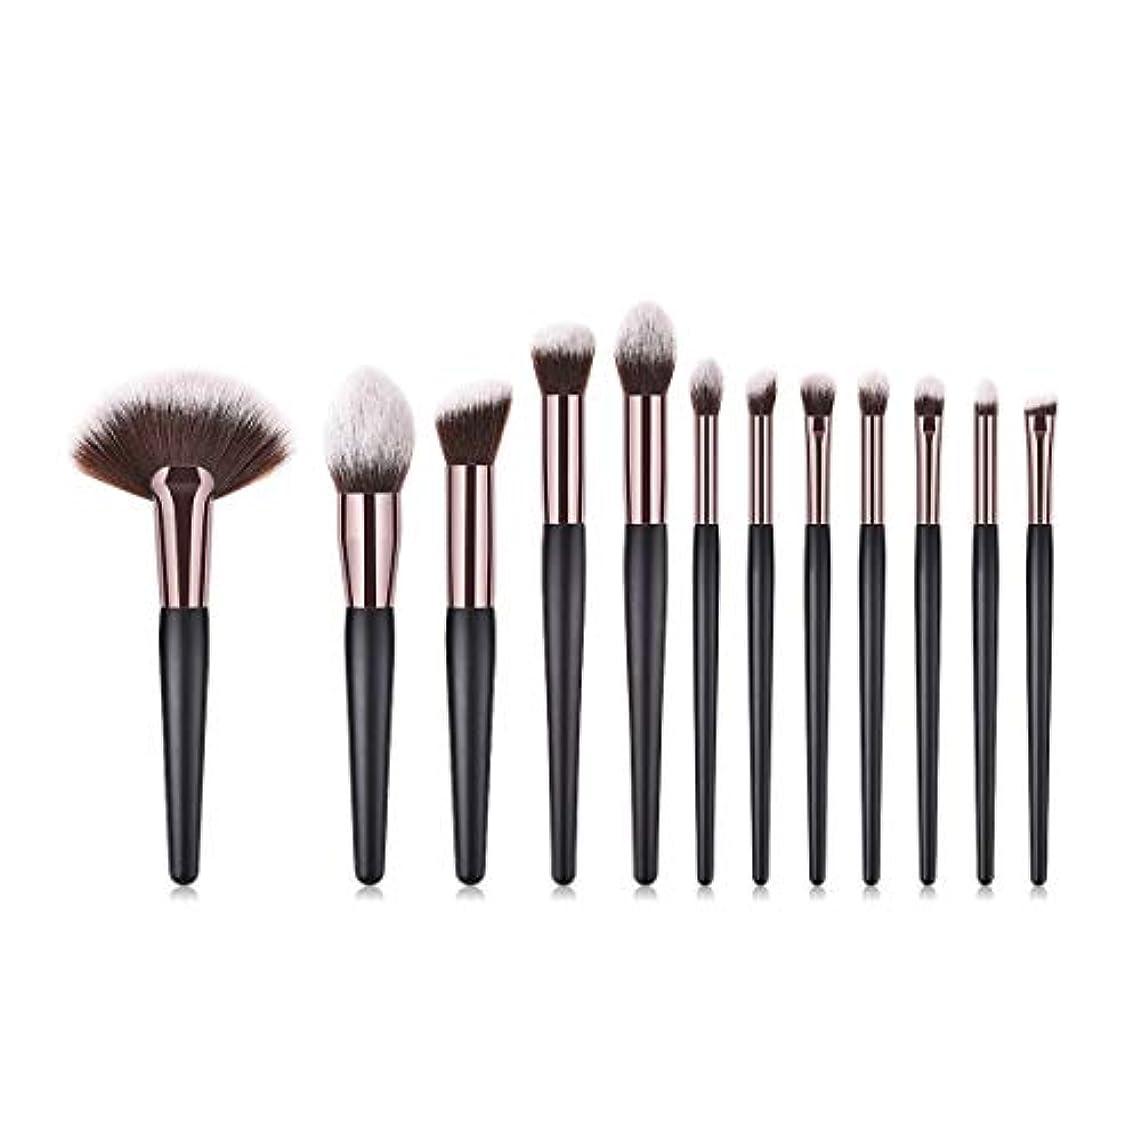 菊汚すサイクロプスMakeup brushes 12化粧ブラシファンデーションブラシパウダーピンクブラッシュブラシアイシャドウブラシハイスクールグロスシルエットブラシセットブラシホワイト suits (Color : Black Gold)